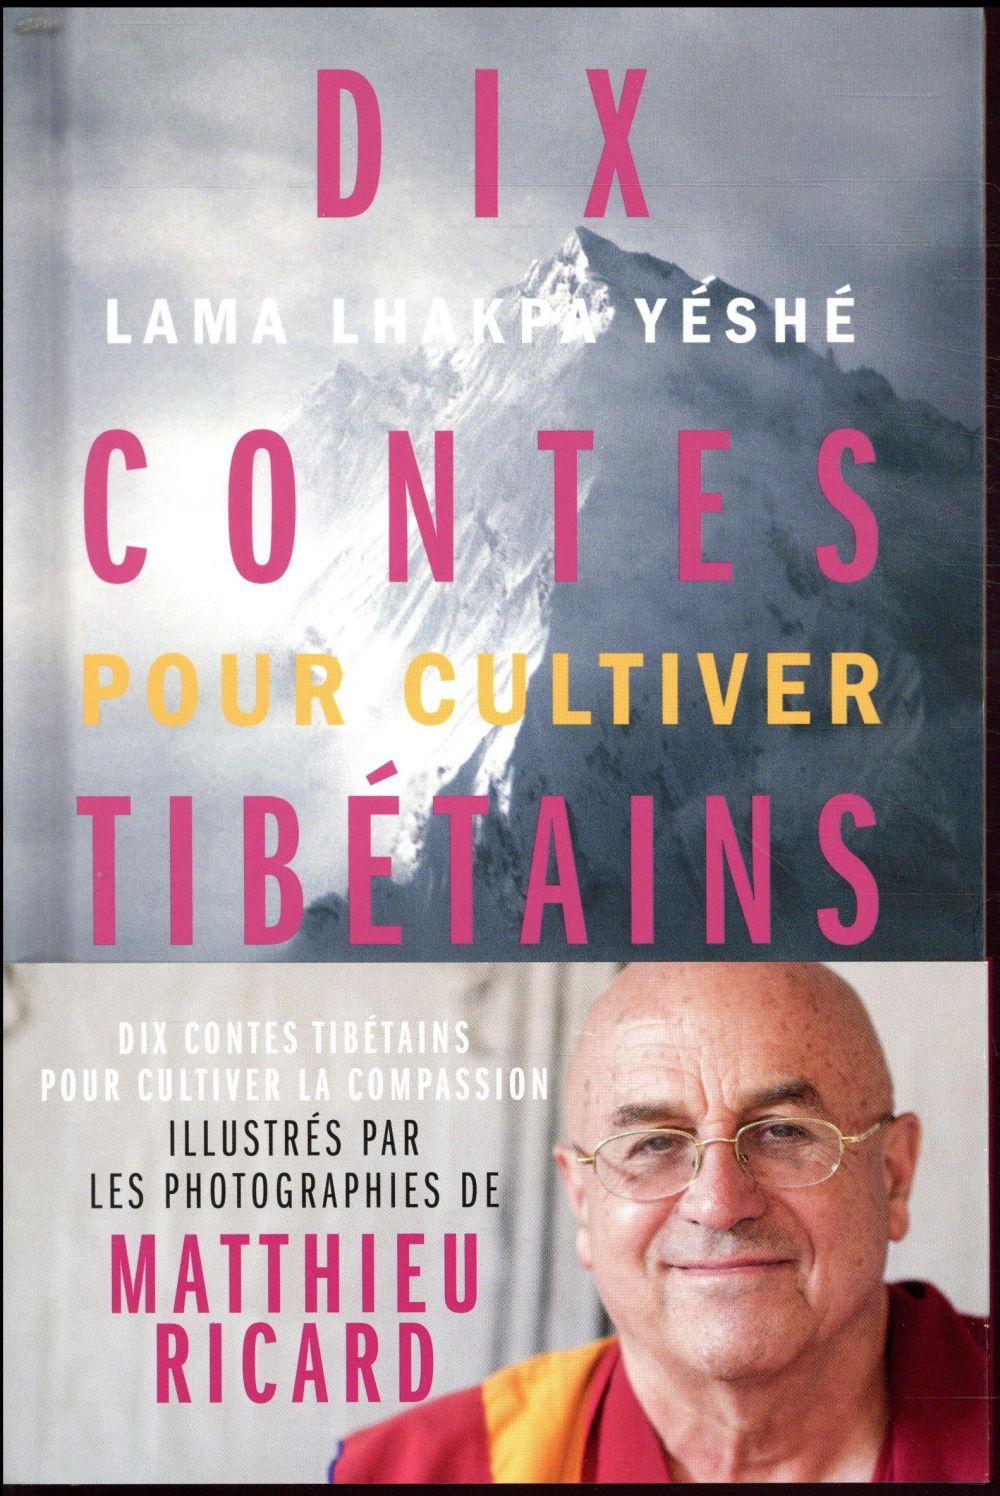 Dix contes tibétains pour cultiver la compassion